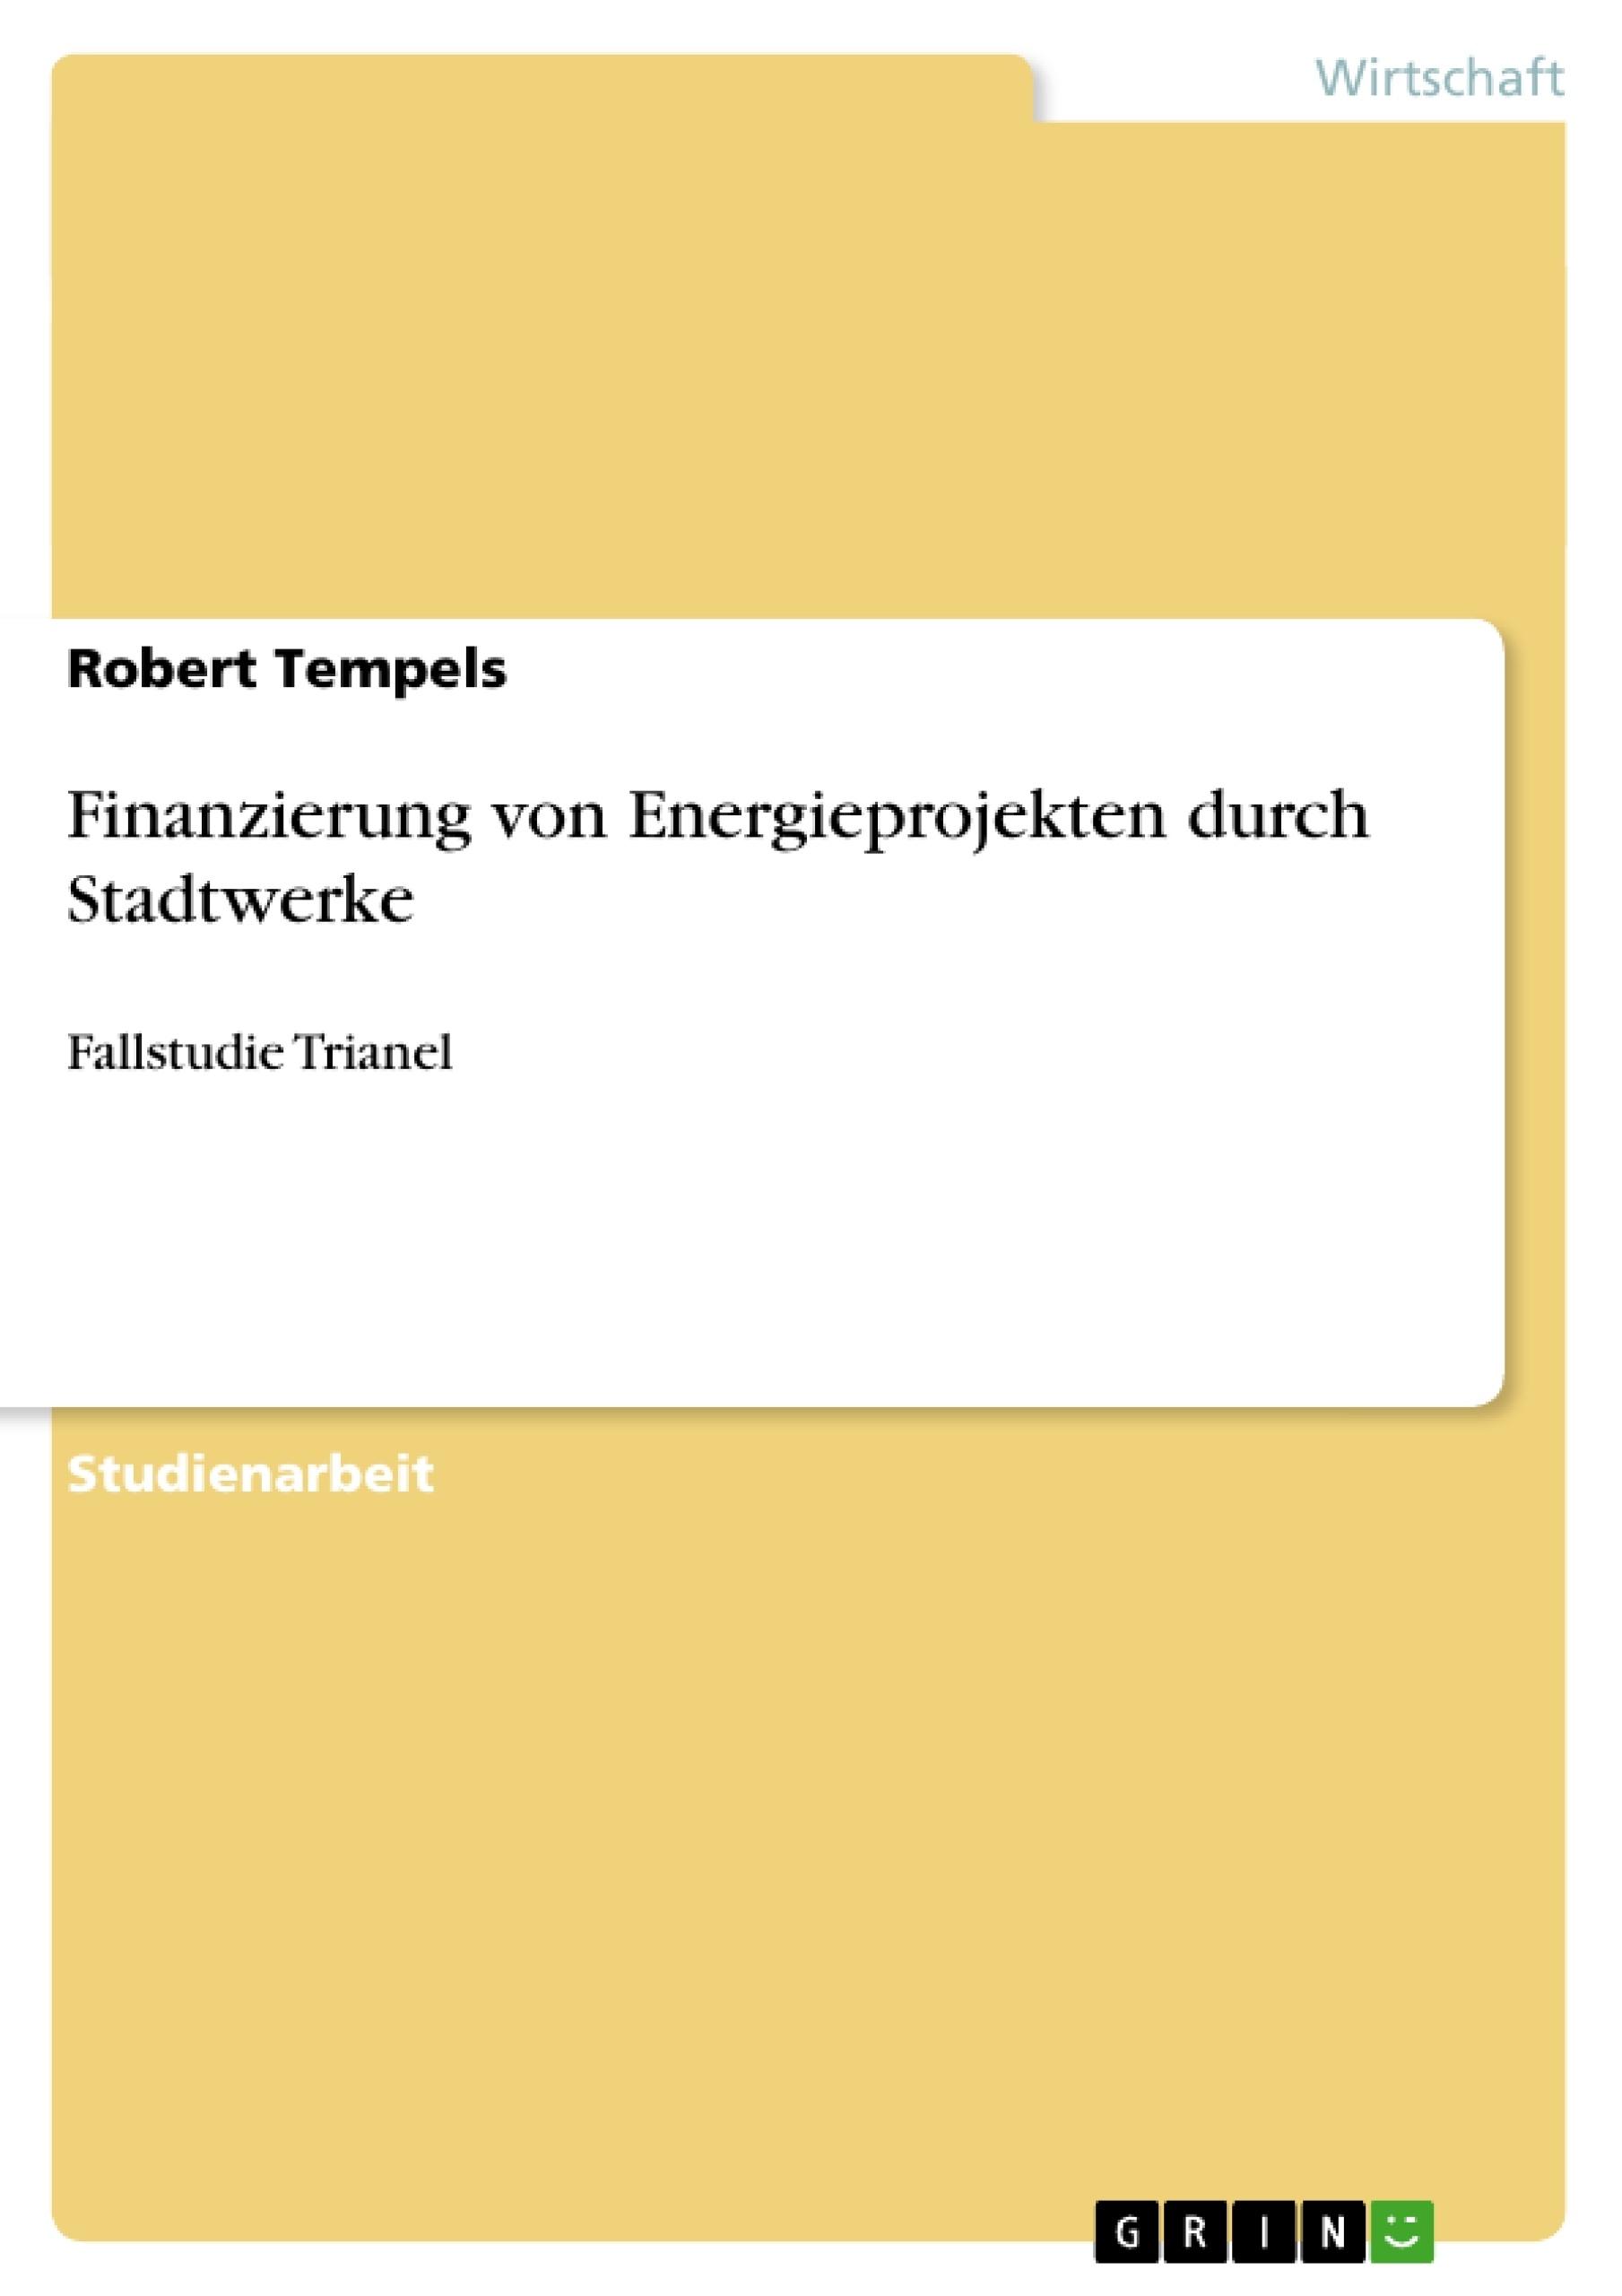 Titel: Finanzierung von Energieprojekten durch Stadtwerke